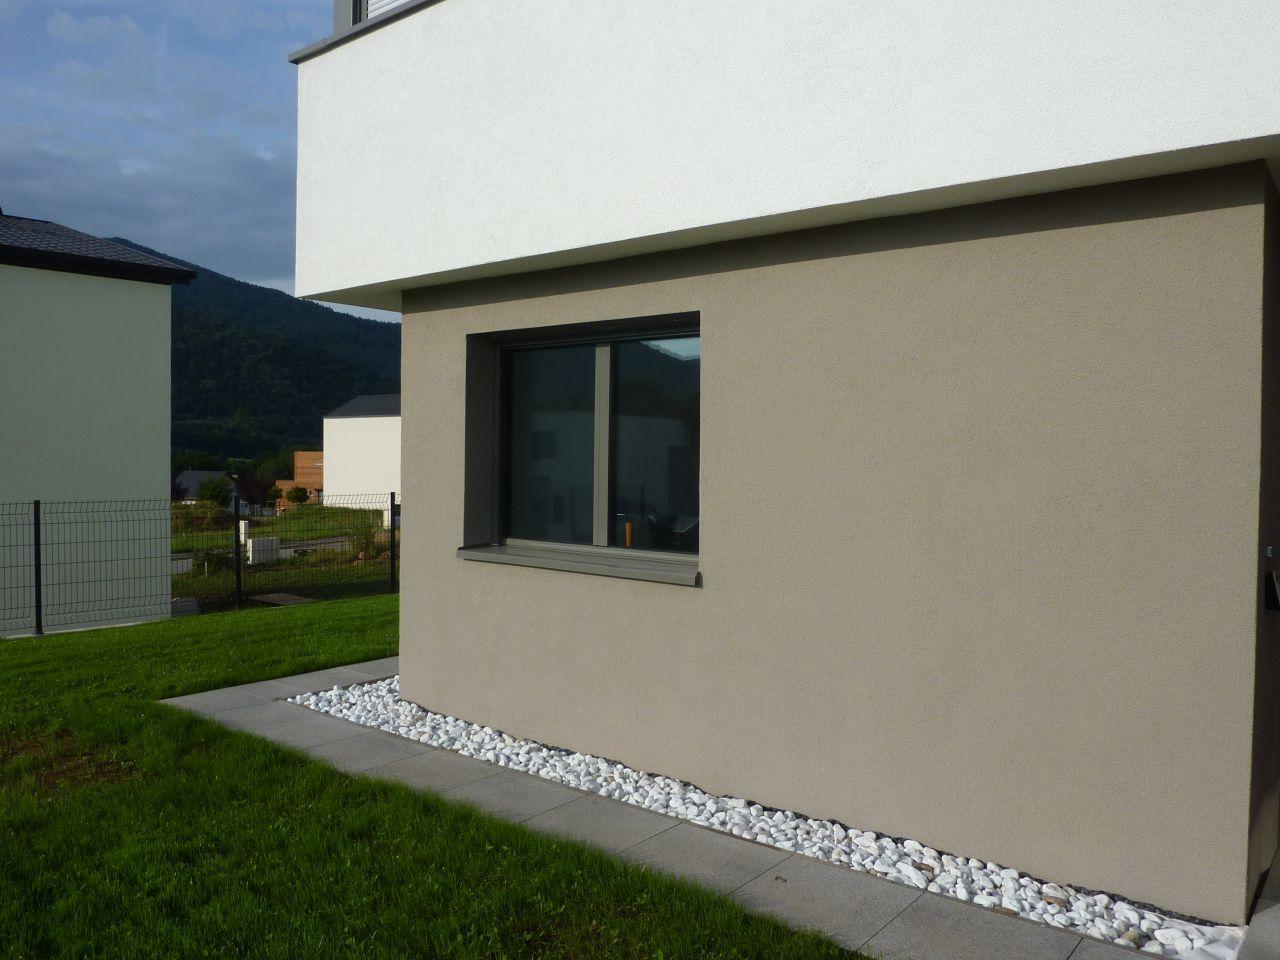 Photo chemin autour de la maison une dalle 50x50cm gal Gravier autour de la maison